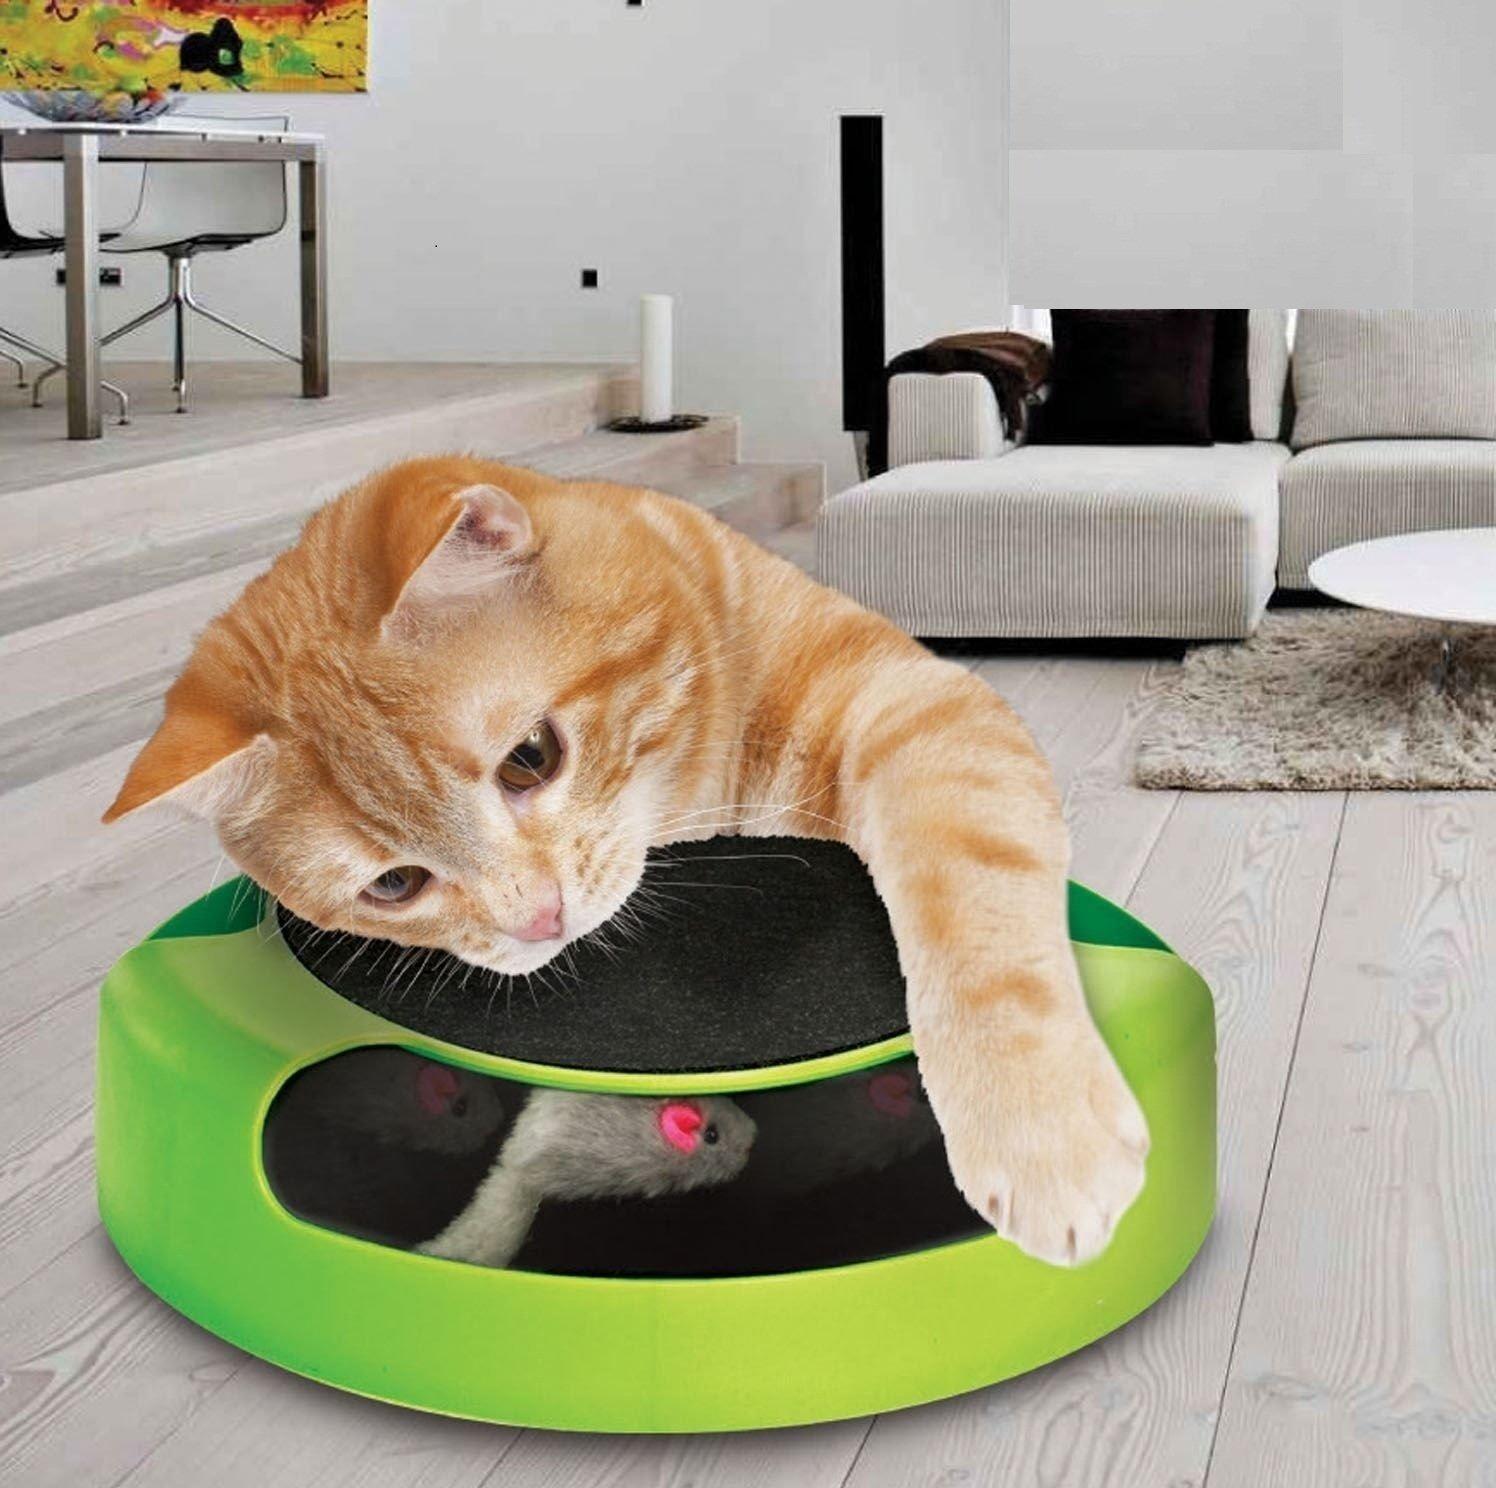 Prime Paws Juguete Interactivo Meow para Gato o Gatito para atrapar el ratón, tapete Mullido para rascar: Amazon.es: Productos para mascotas